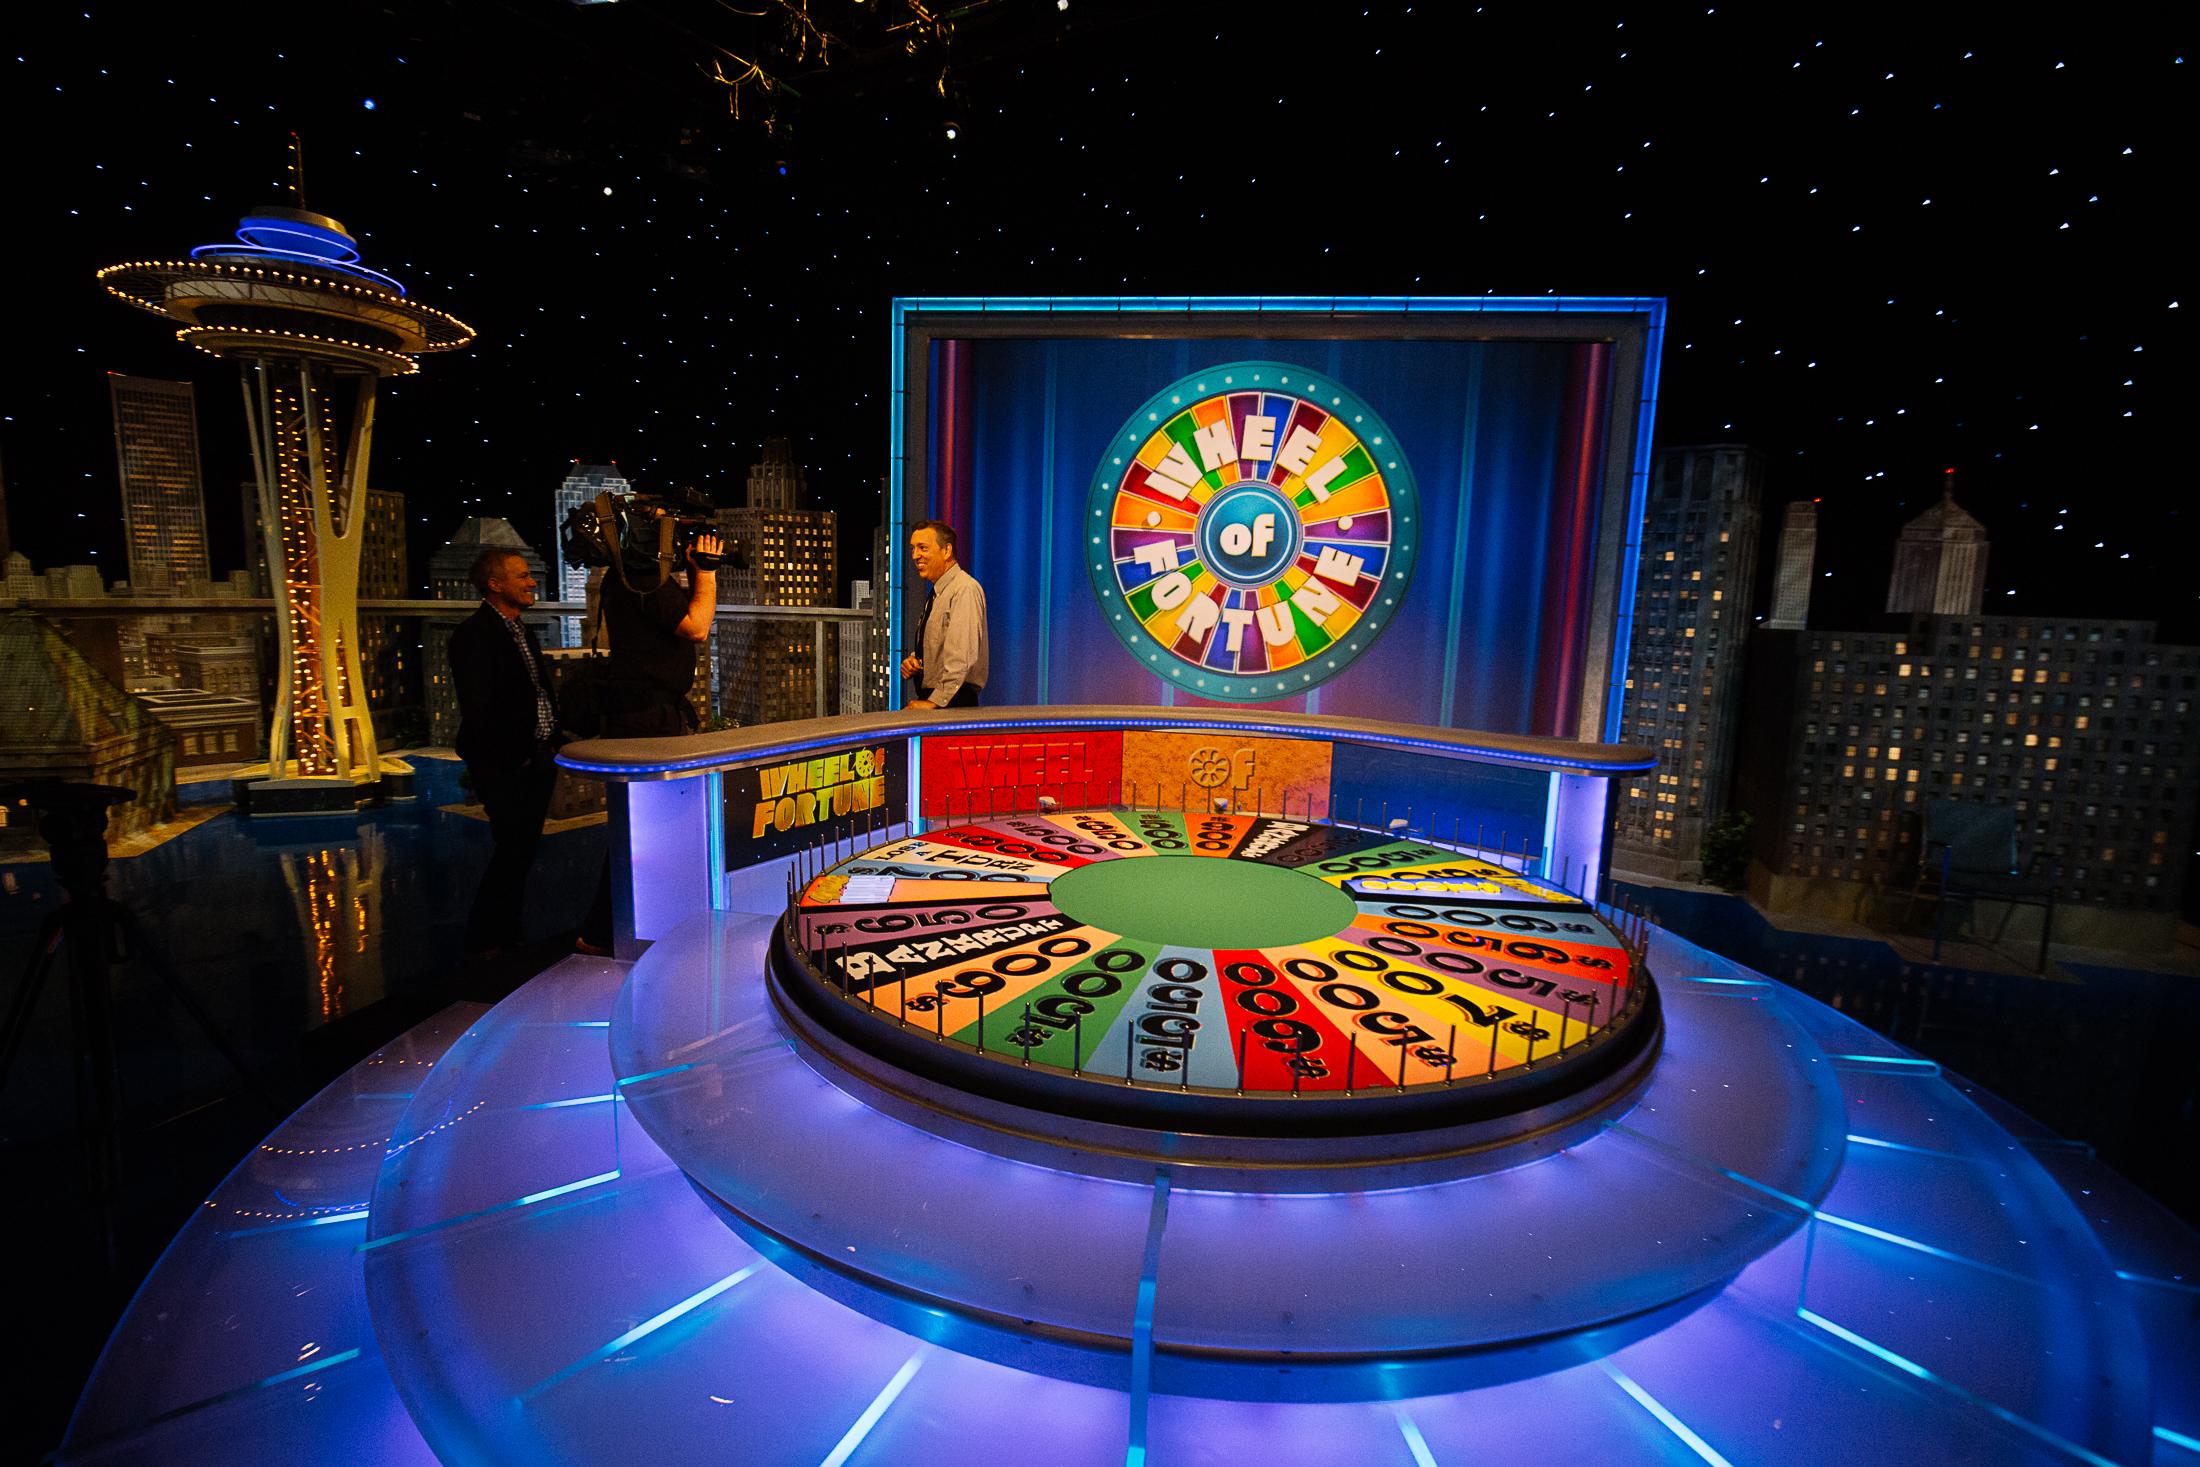 официальный сайт джекпот в казино фортуна